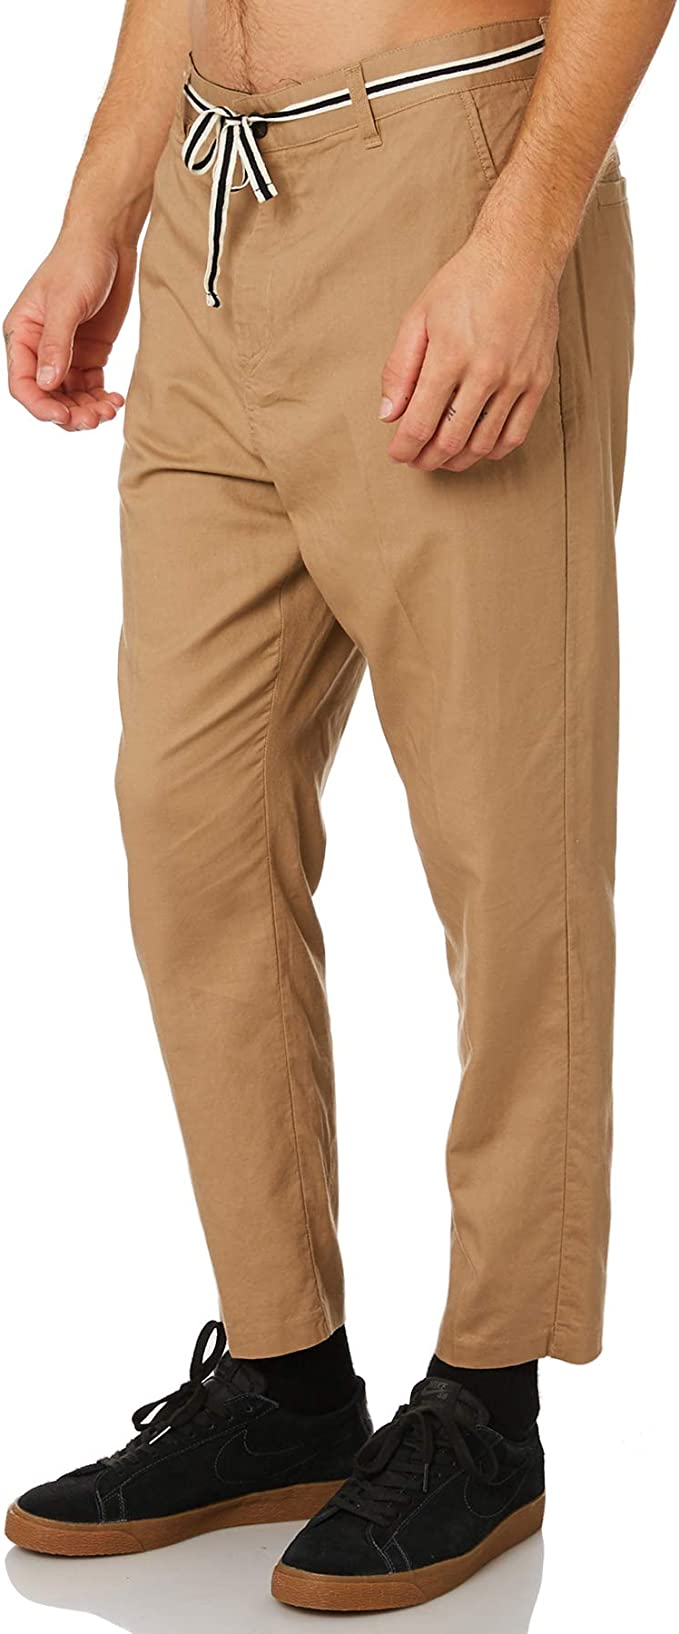 Zanerobe black jumpa chino cotton linen pants 36 mens NEW